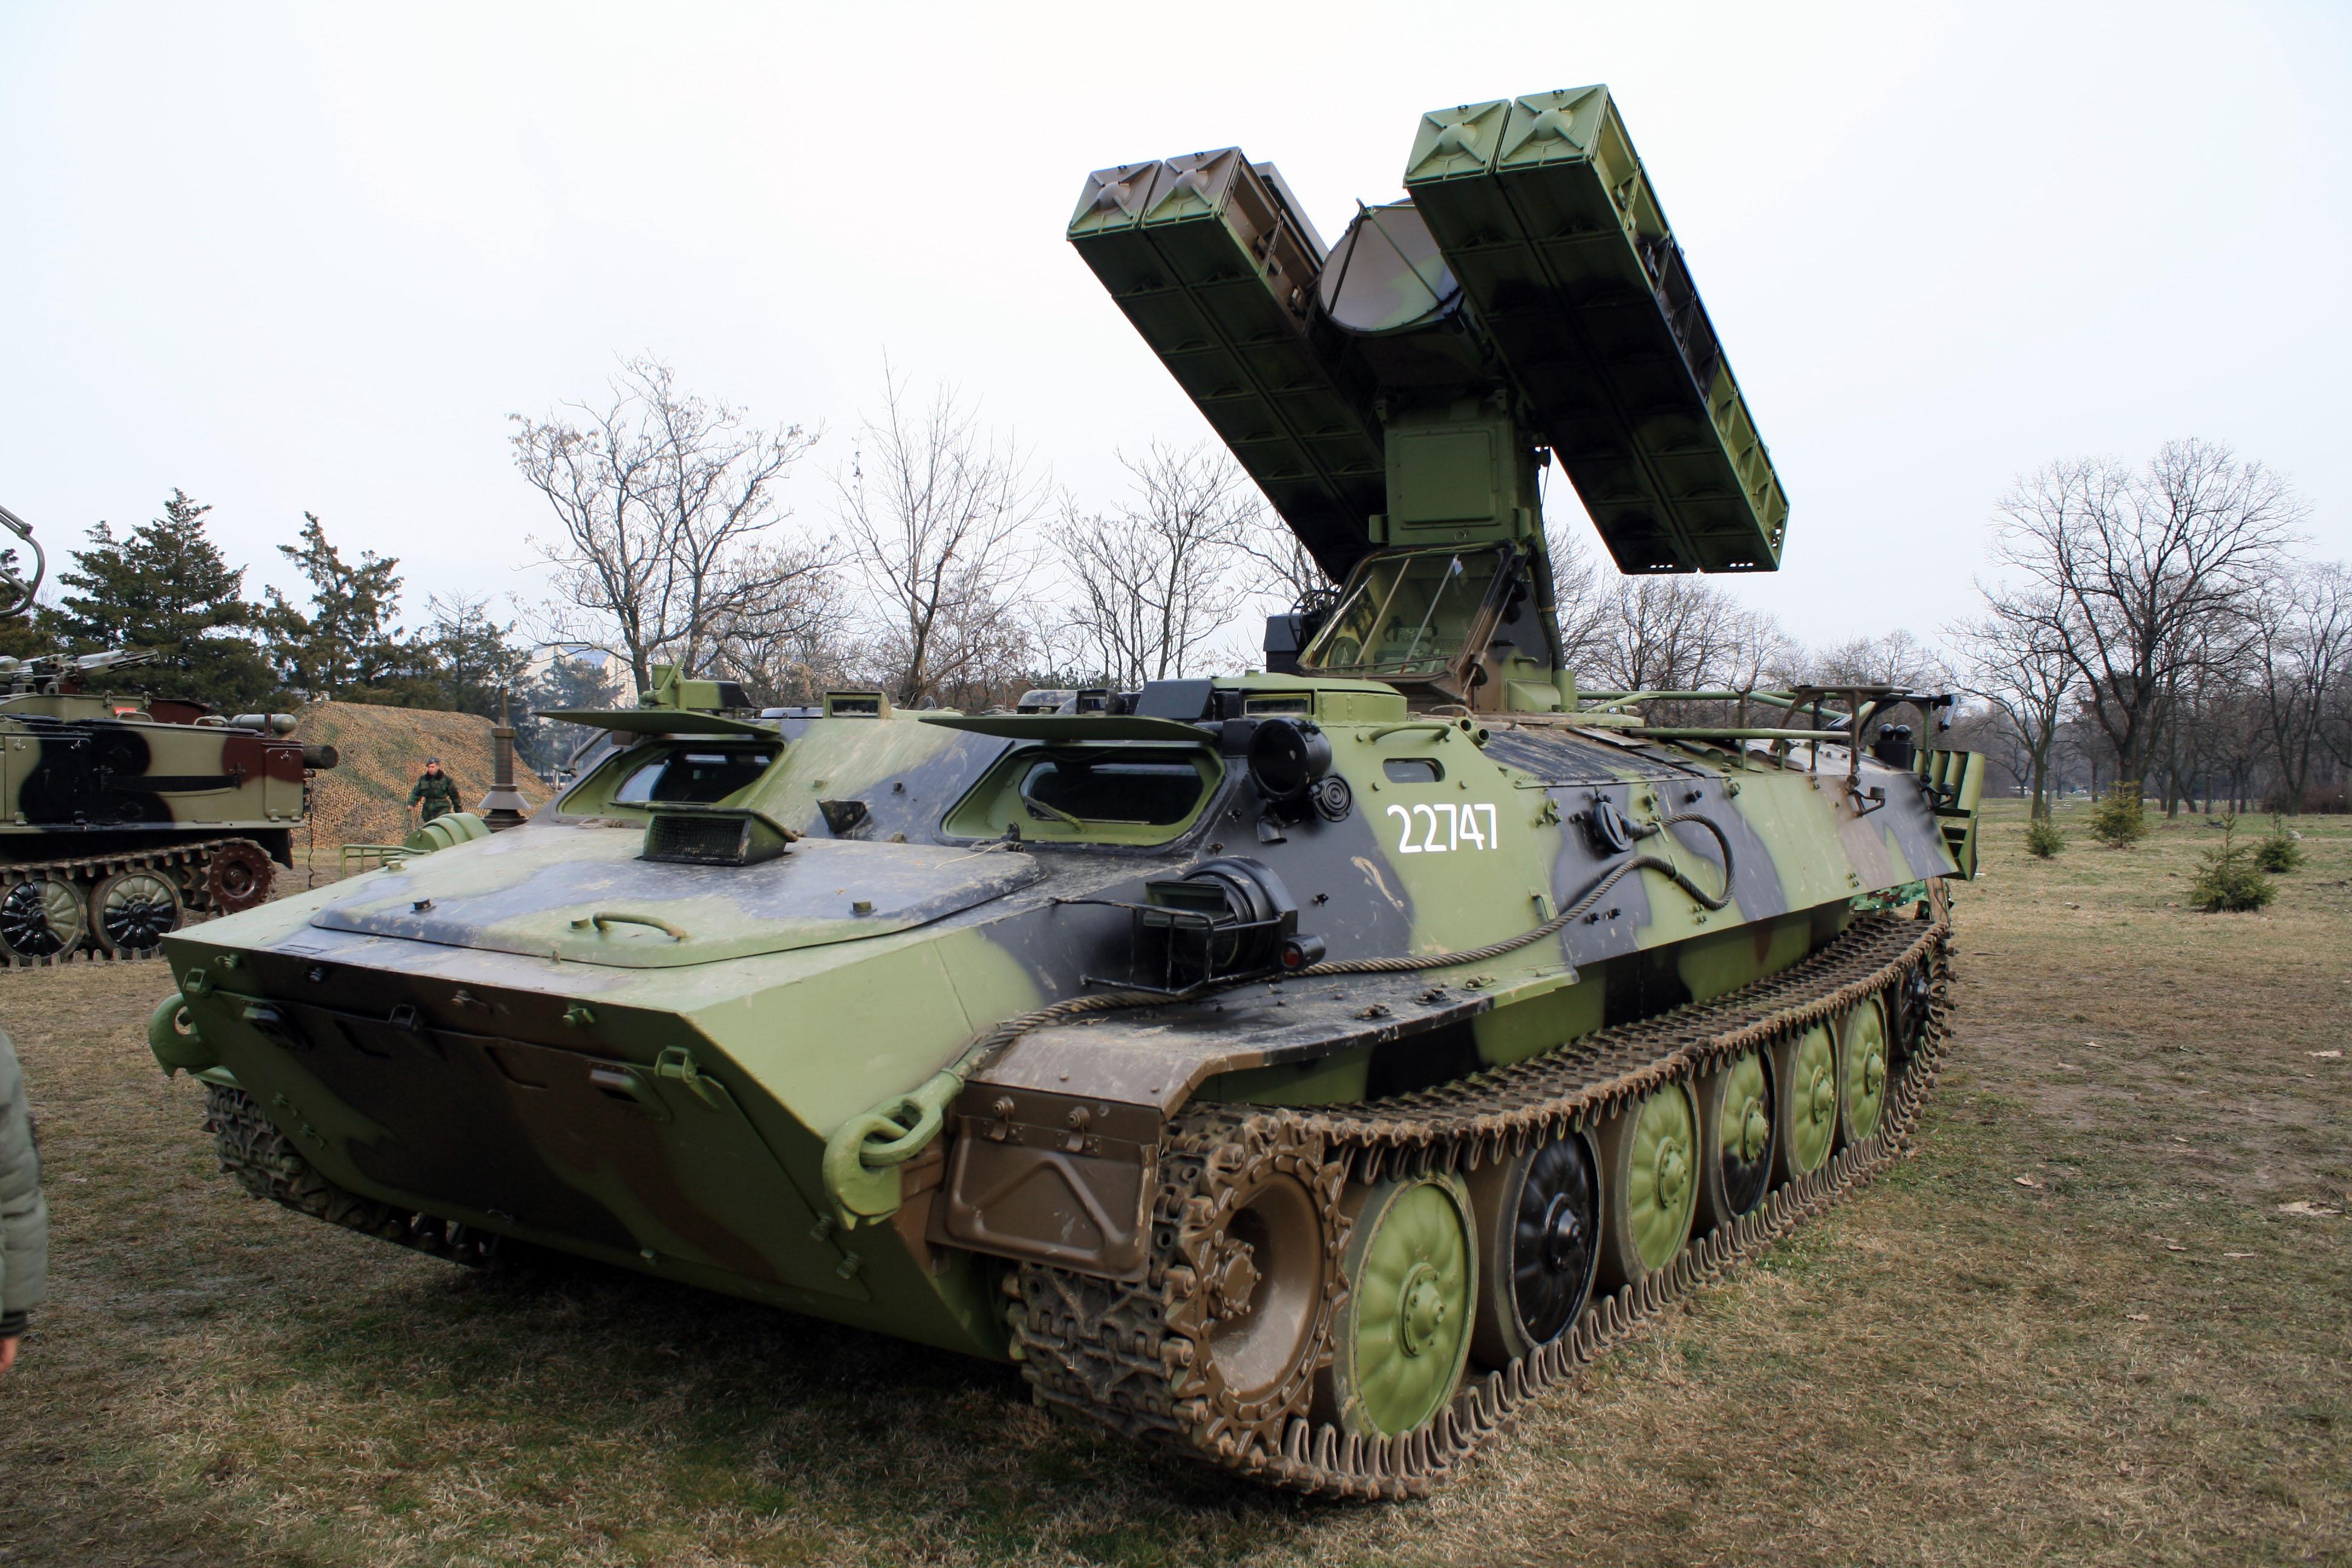 Посол США Пайетт показал современные российские системы ПВО под Дебальцево - Цензор.НЕТ 7482